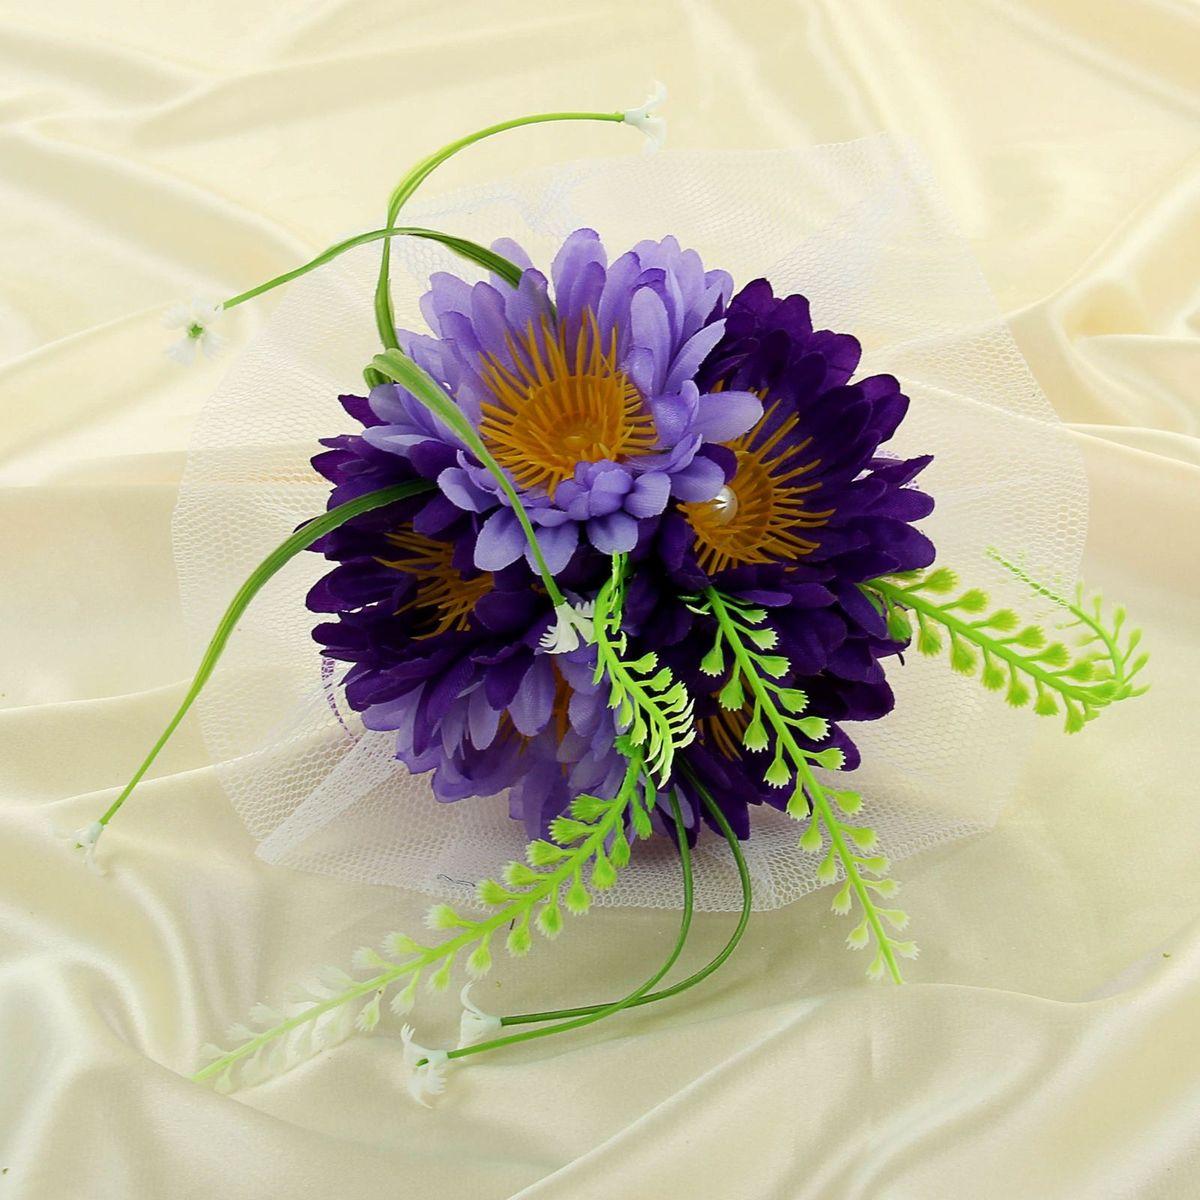 Букет-дублер Sima-land, цвет: фиолетовый. 11350901135090Современные невесты используют букеты из искусственных материалов, потому что они легче, дешевле и не рассыпаются в полёте. Ведь для многих незамужних подружек поймать букет на свадьбе — шанс осуществления заветной мечты.Кроме свадебной тематики изделие используют для фотосессий, так как оно не утрачивает праздничный вид даже в непогоду, и как элемент украшения интерьера. Оригинальный букет будет, несомненно, в центре внимания на торжественном событии.